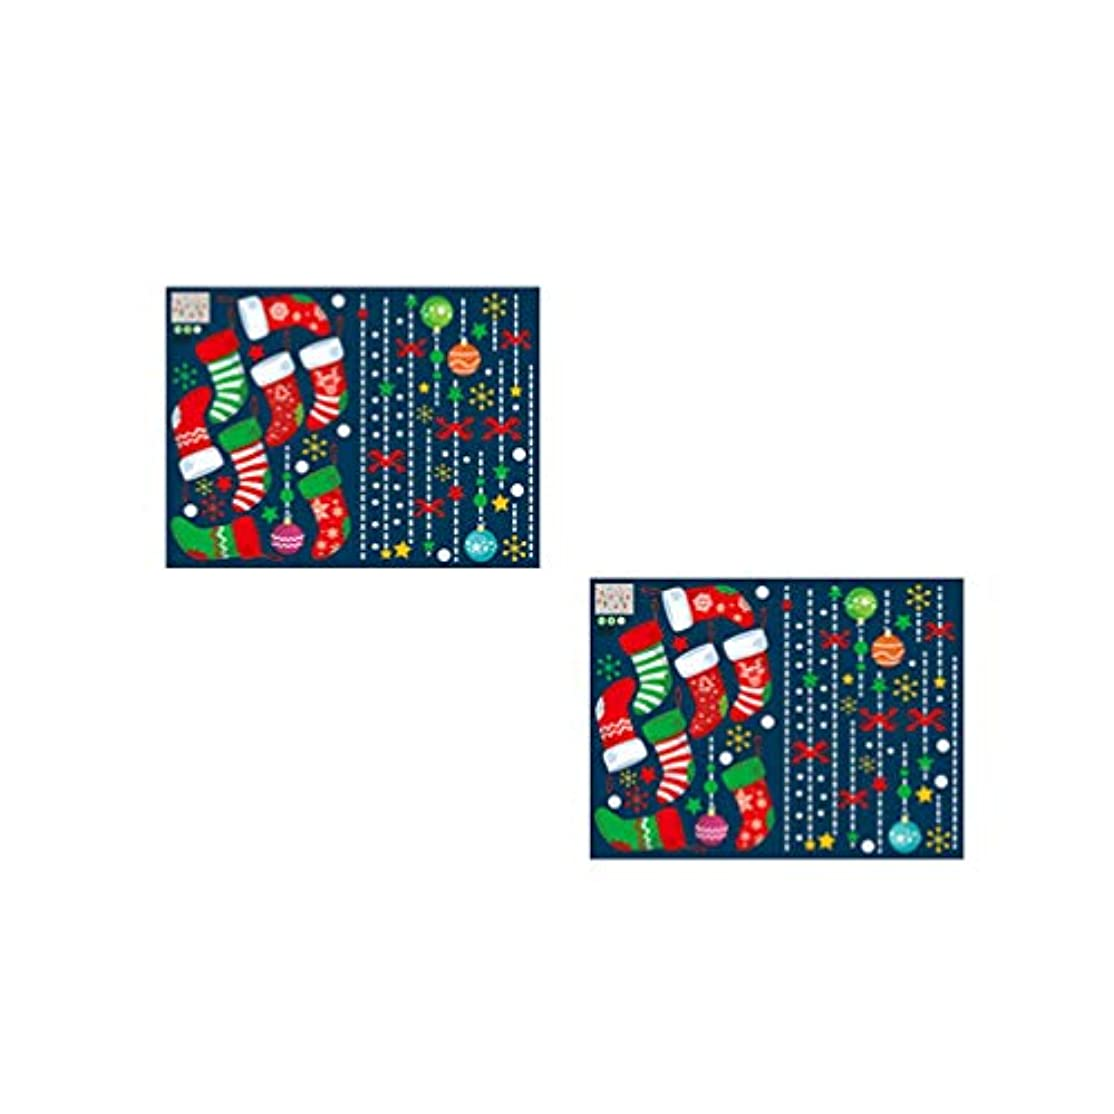 見習い麻痺させる見込みHealifty 2ピースクリスマスウィンドウステッカーストッキングパターン壁デカール自己粘着ビニールdiy用クリスマスホリデーパーティーウィンドウ装飾